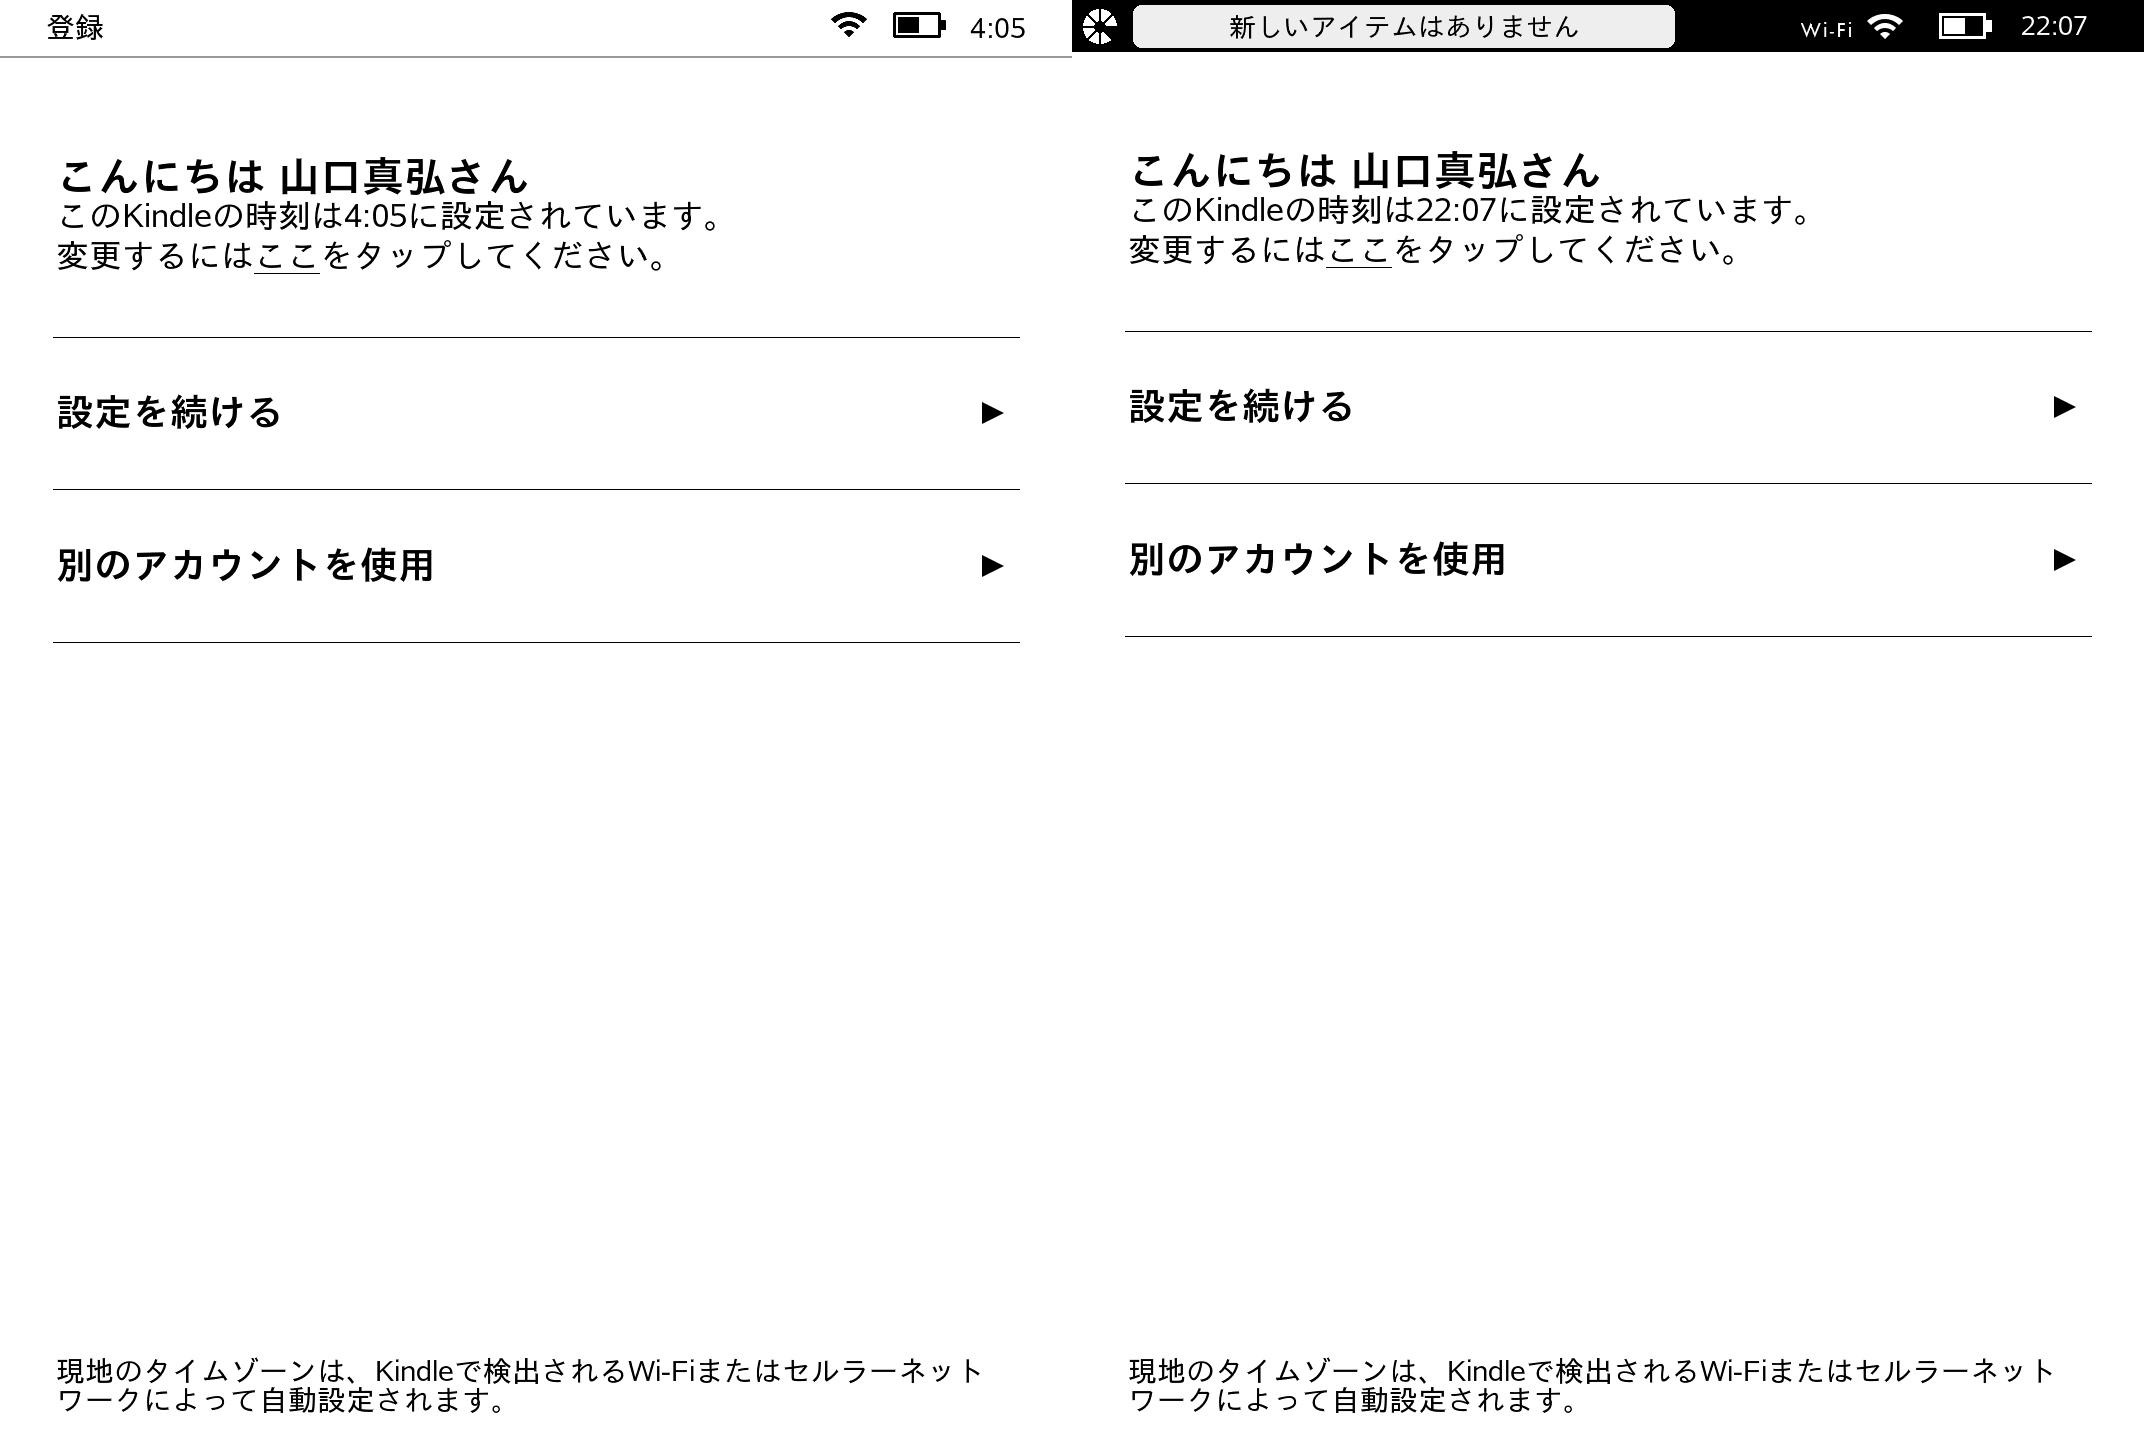 Kindleストアから購入した場合はこの時点で既にAmazonのアカウントが登録されている。画面デザインに変更はない